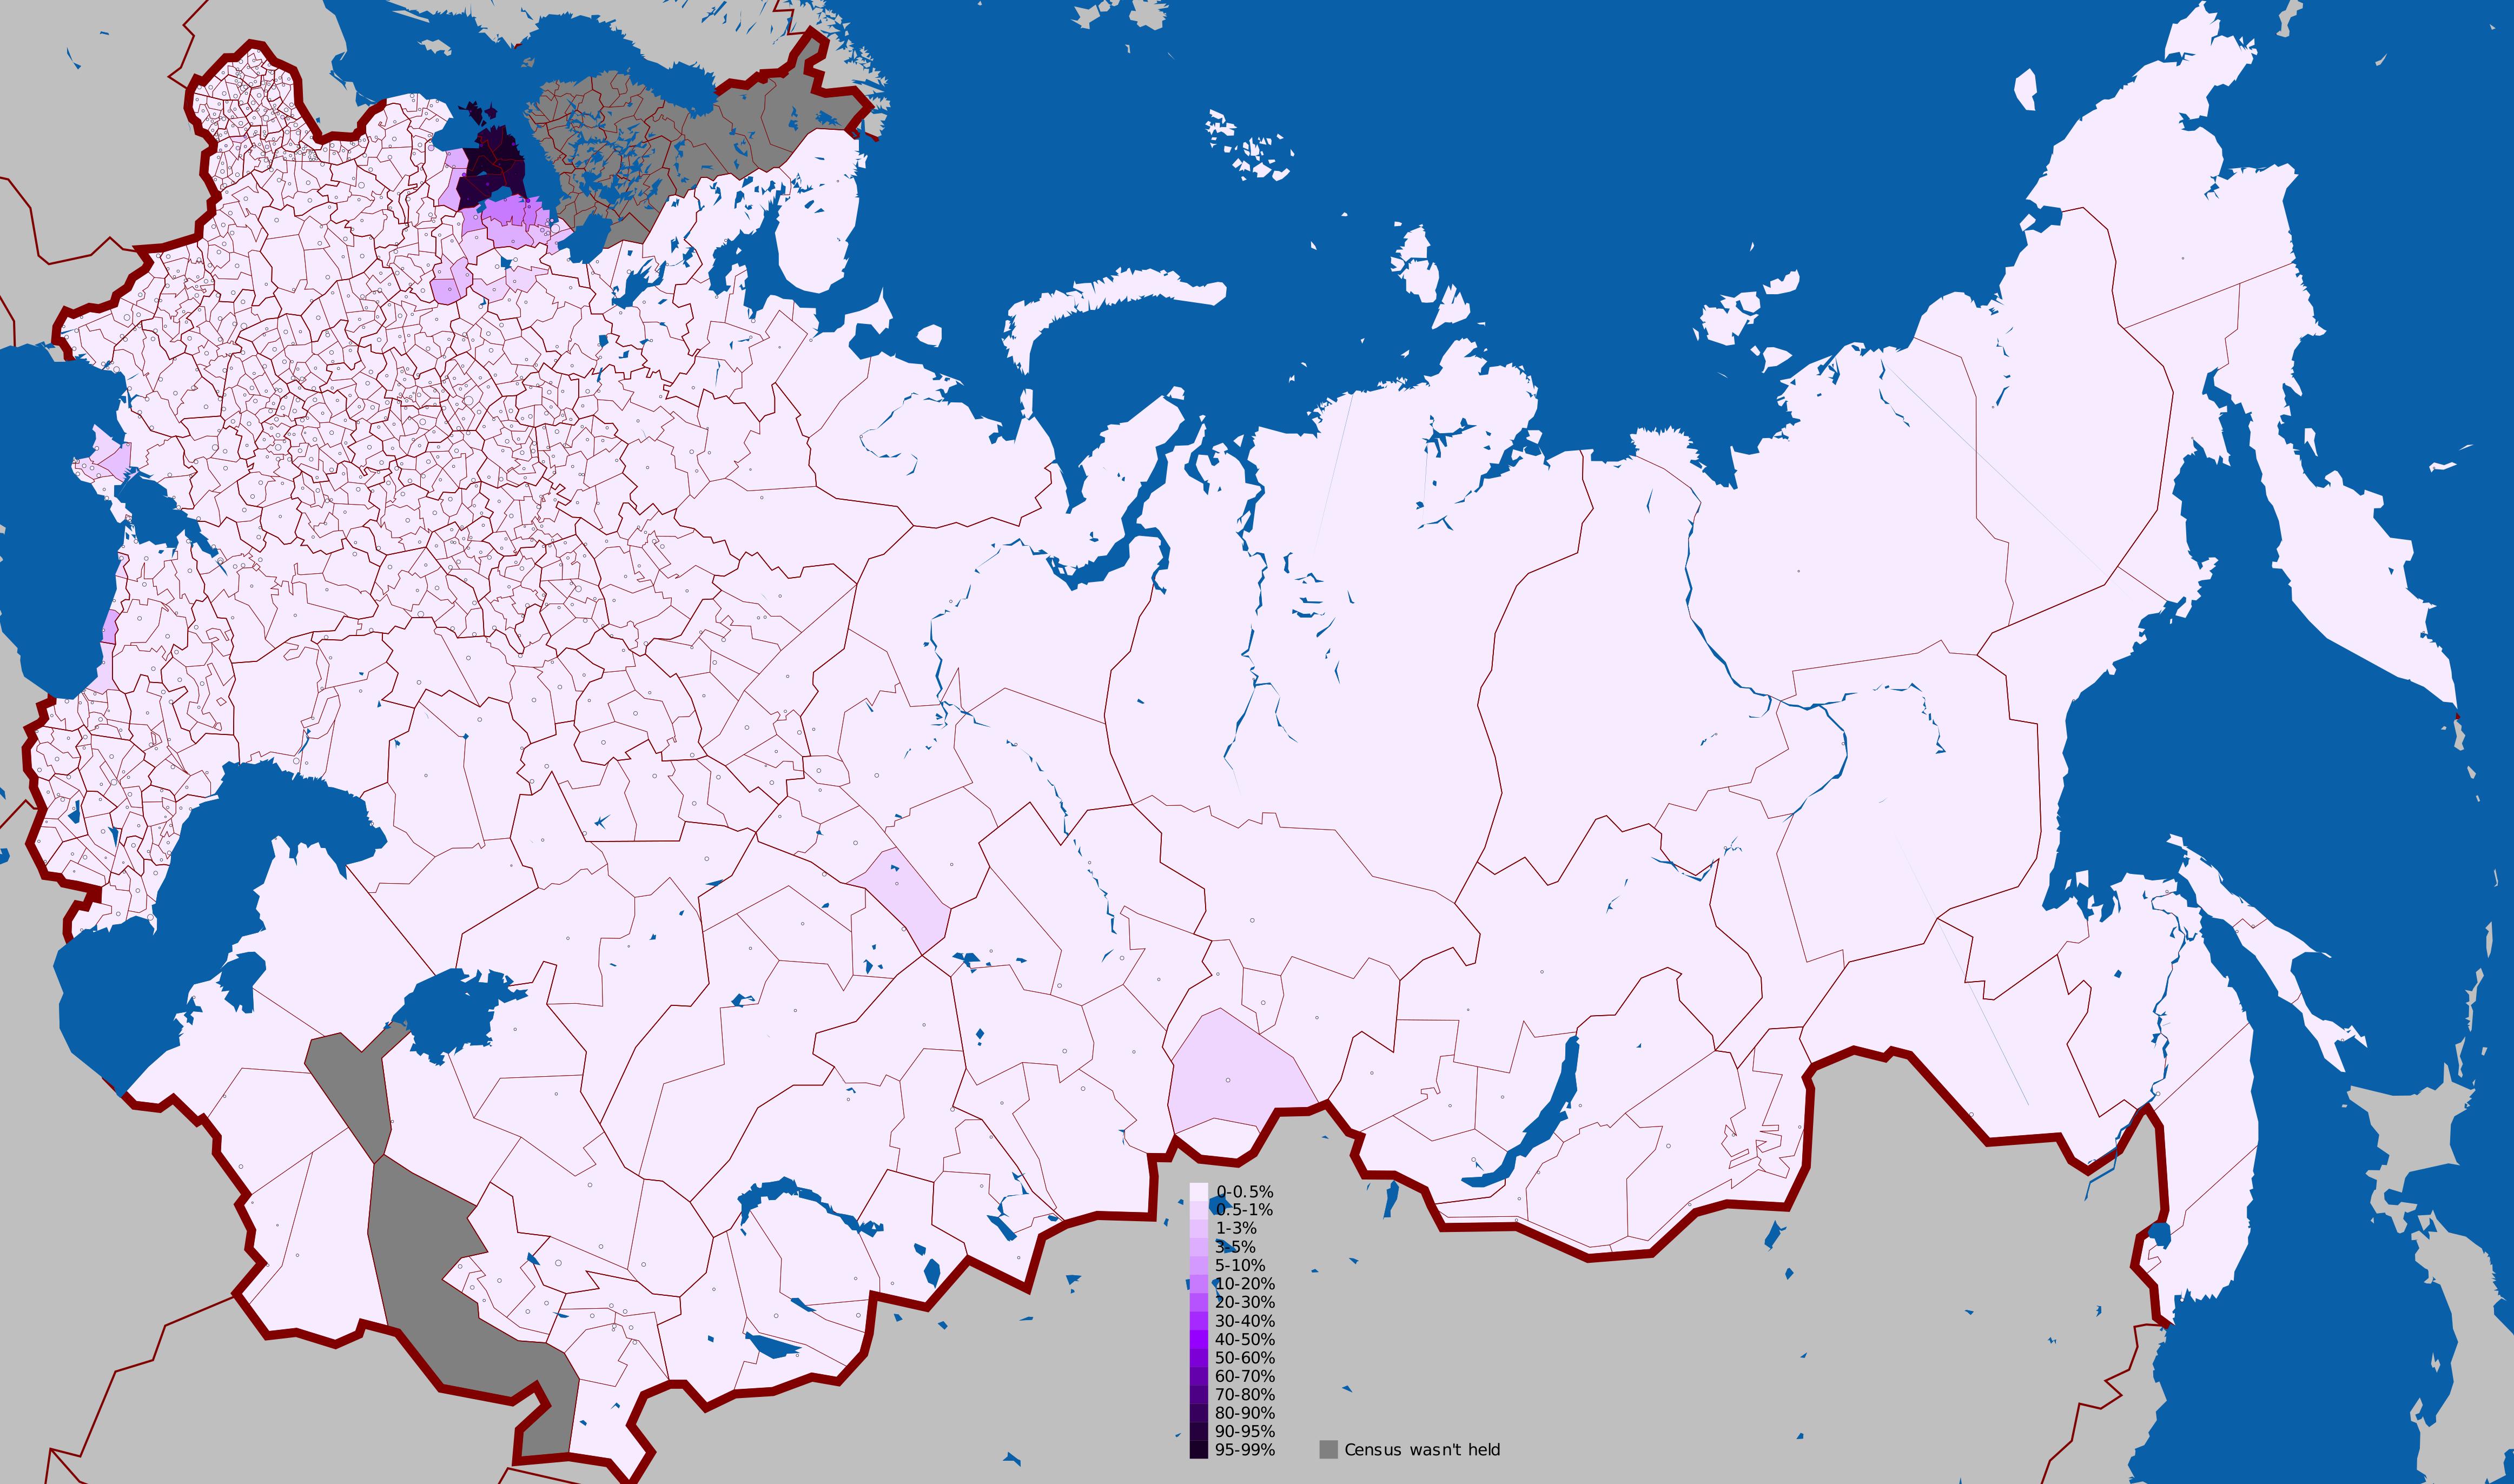 Estonian language in the Russian Empire 1897